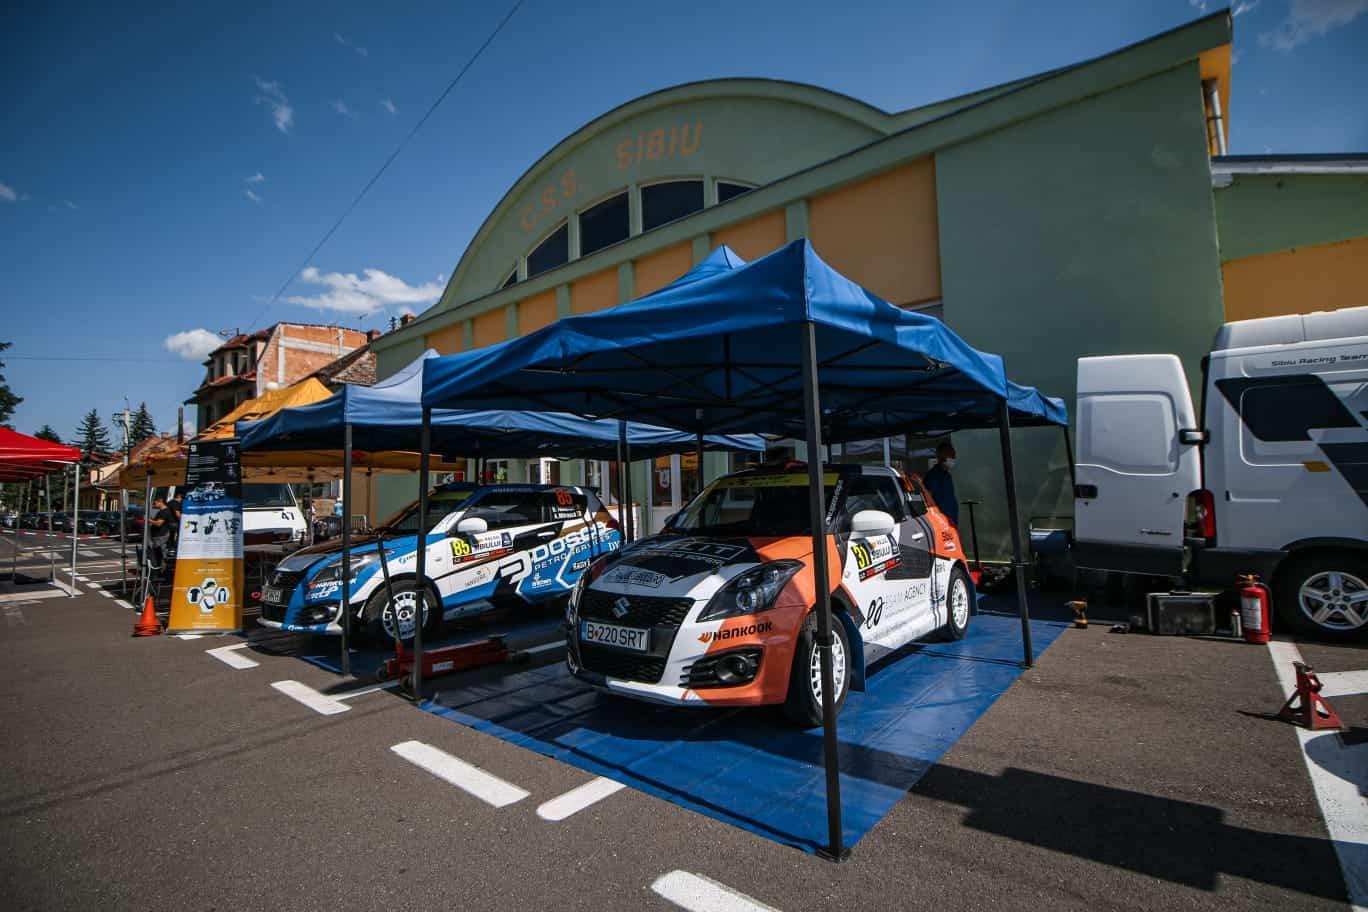 """Echipa Sibiu Racing Team: """"Sperăm la o etapă emblematică atât din punct de vedere organizatoric, cât și competițional."""""""